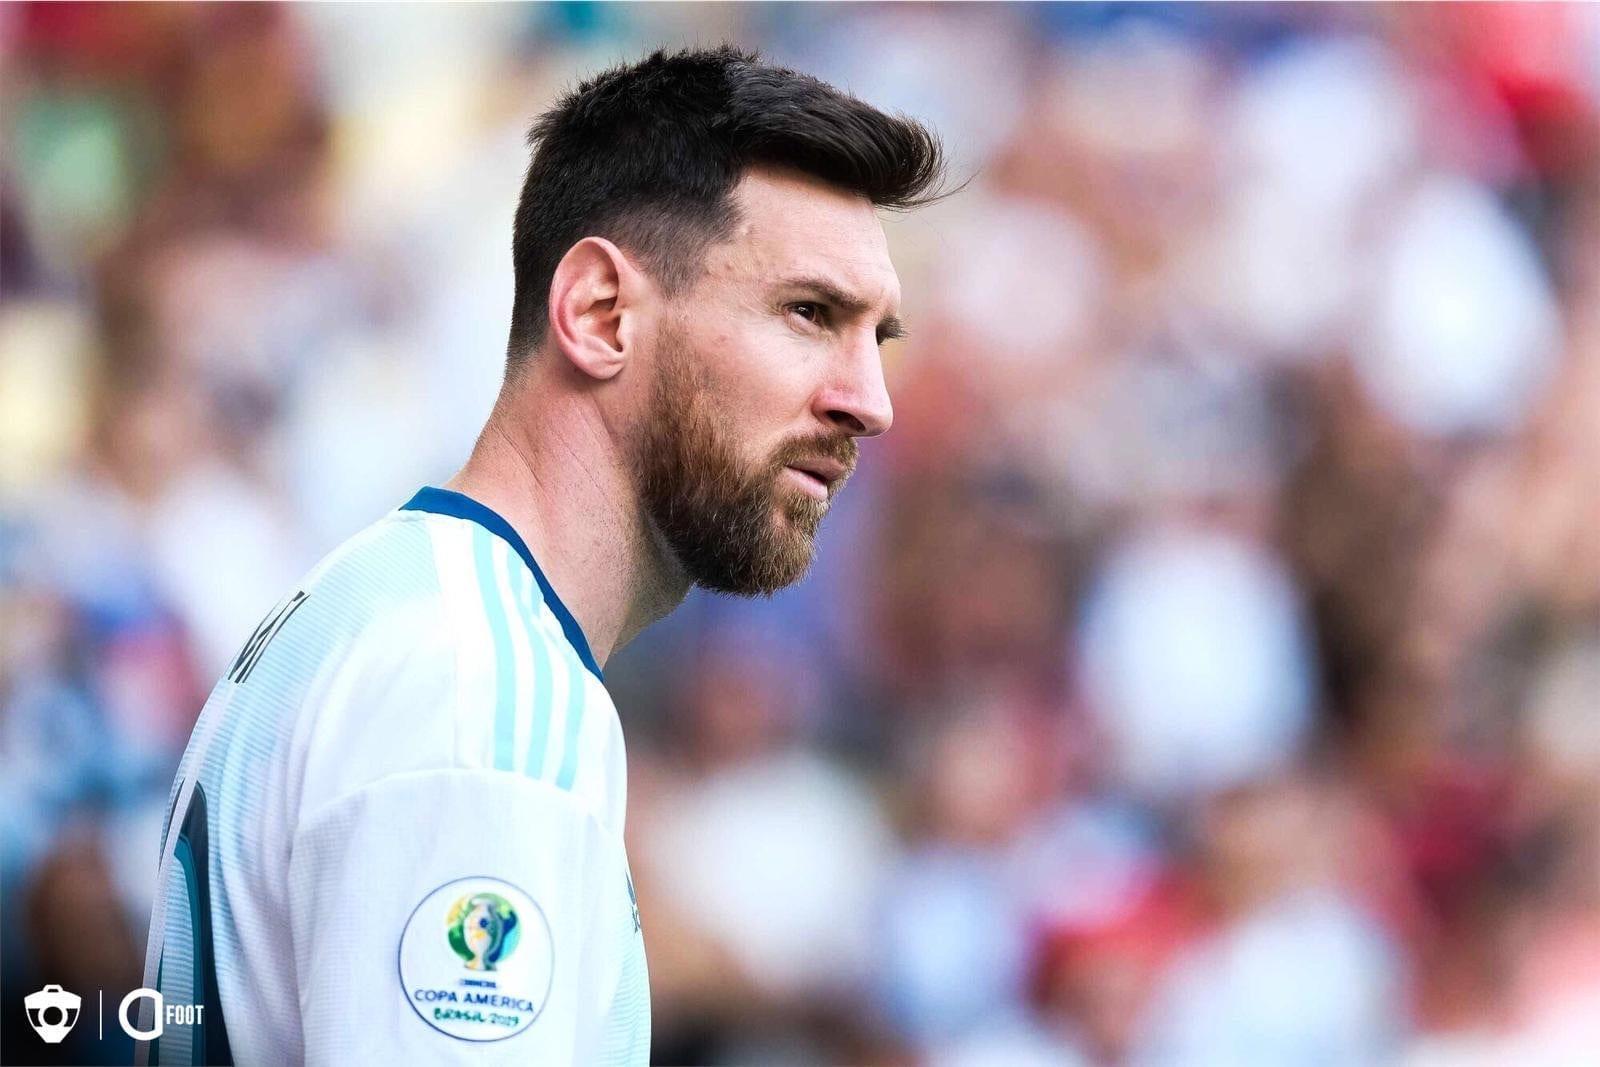 Pour la mère de Messi, son fils joue mal en sélection argentine